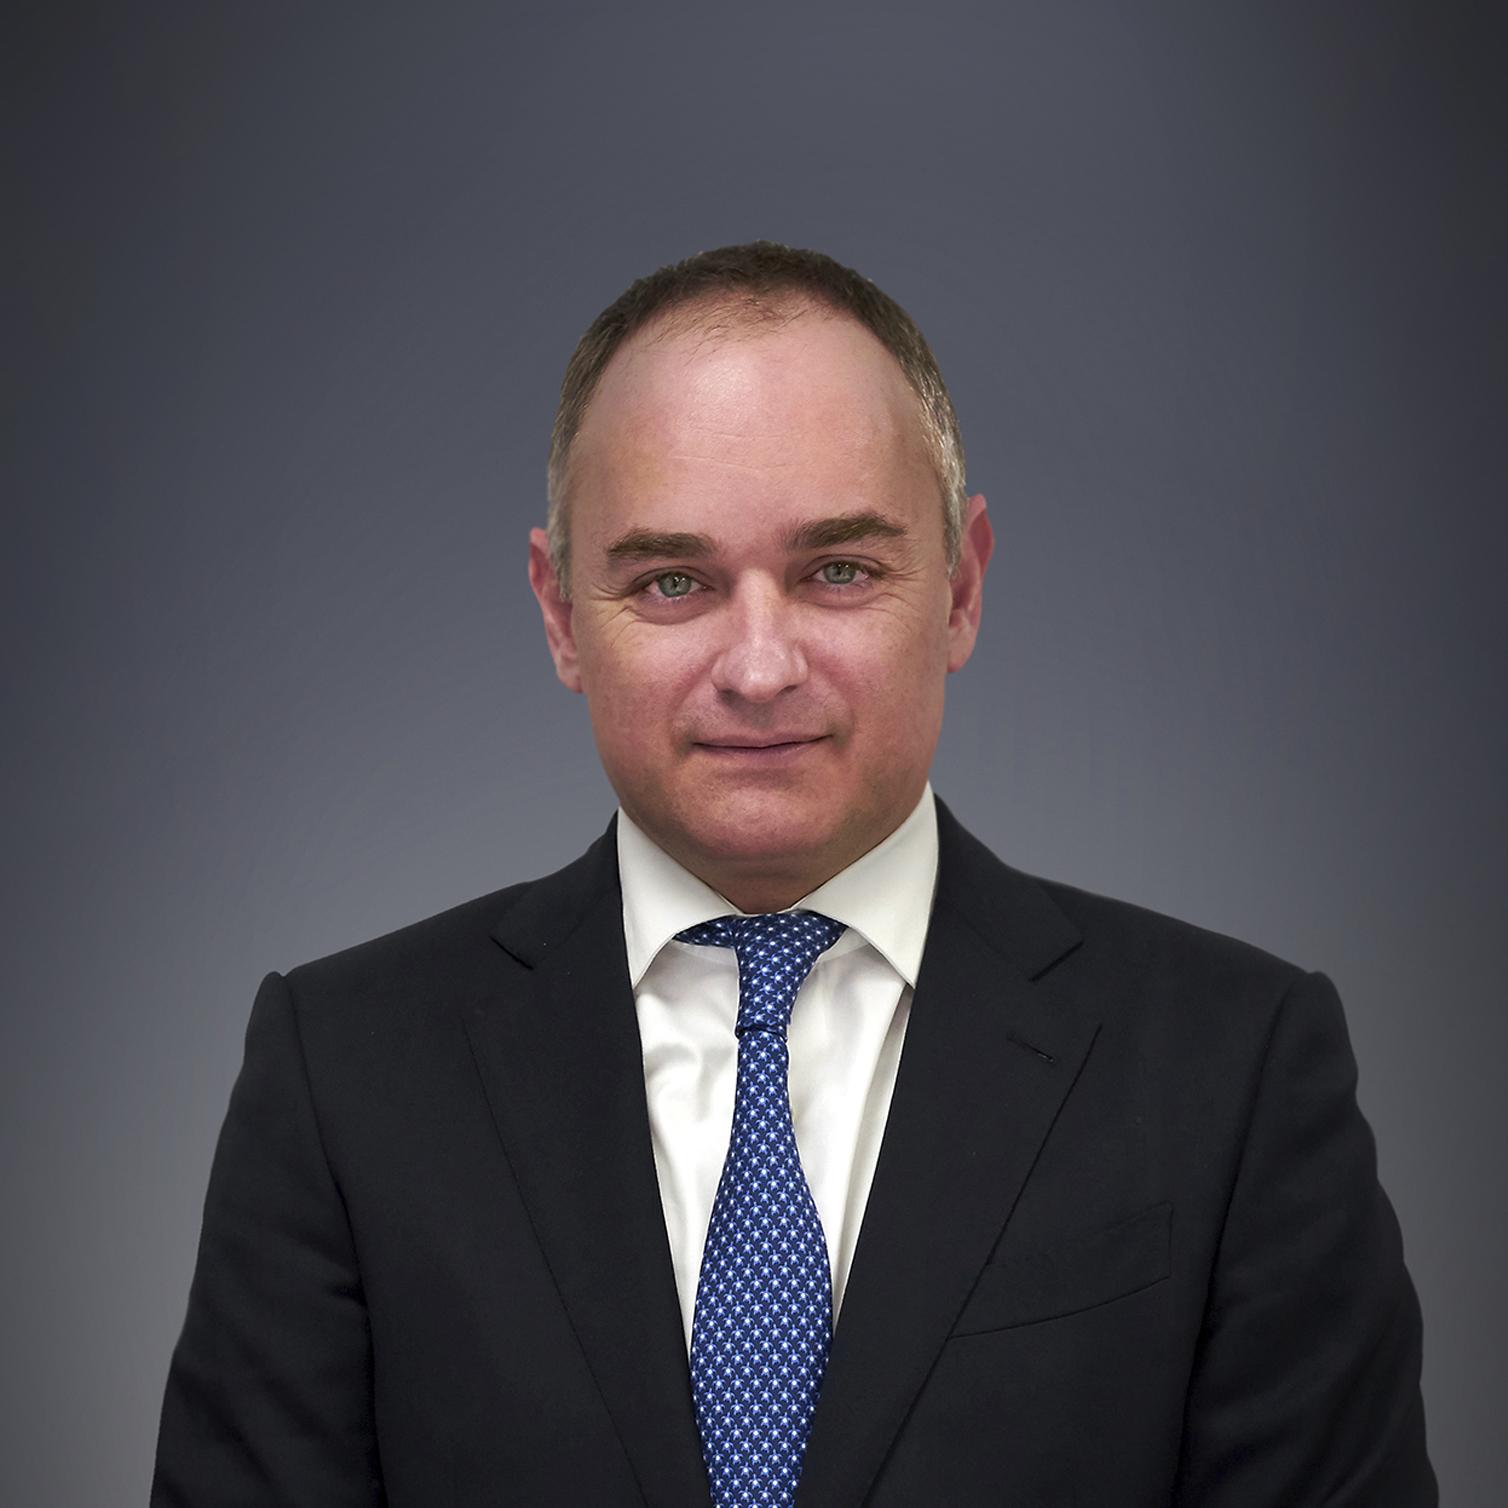 Ignacio José Varona García